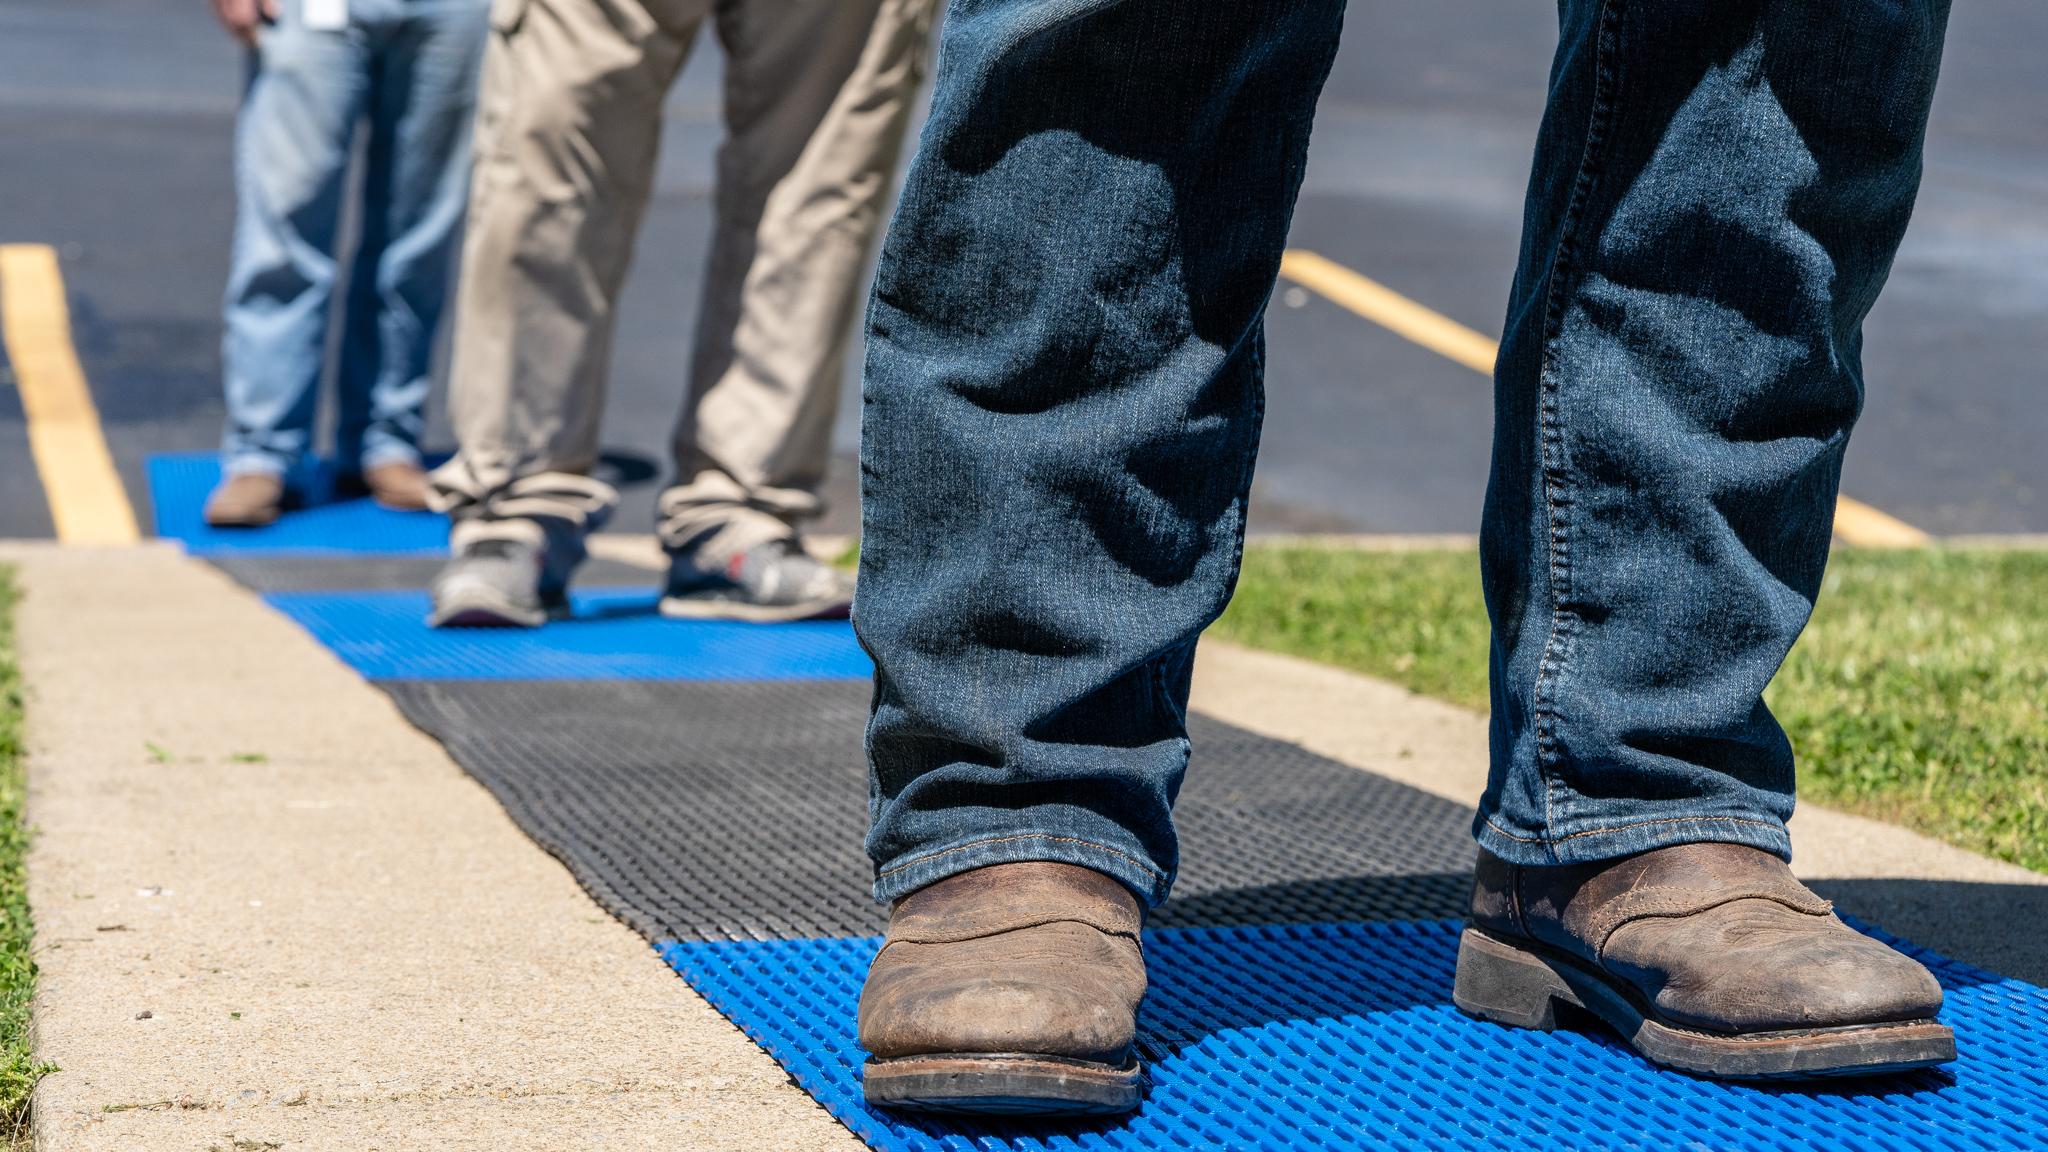 Abstand halten mit Distanz-Bodenmatten